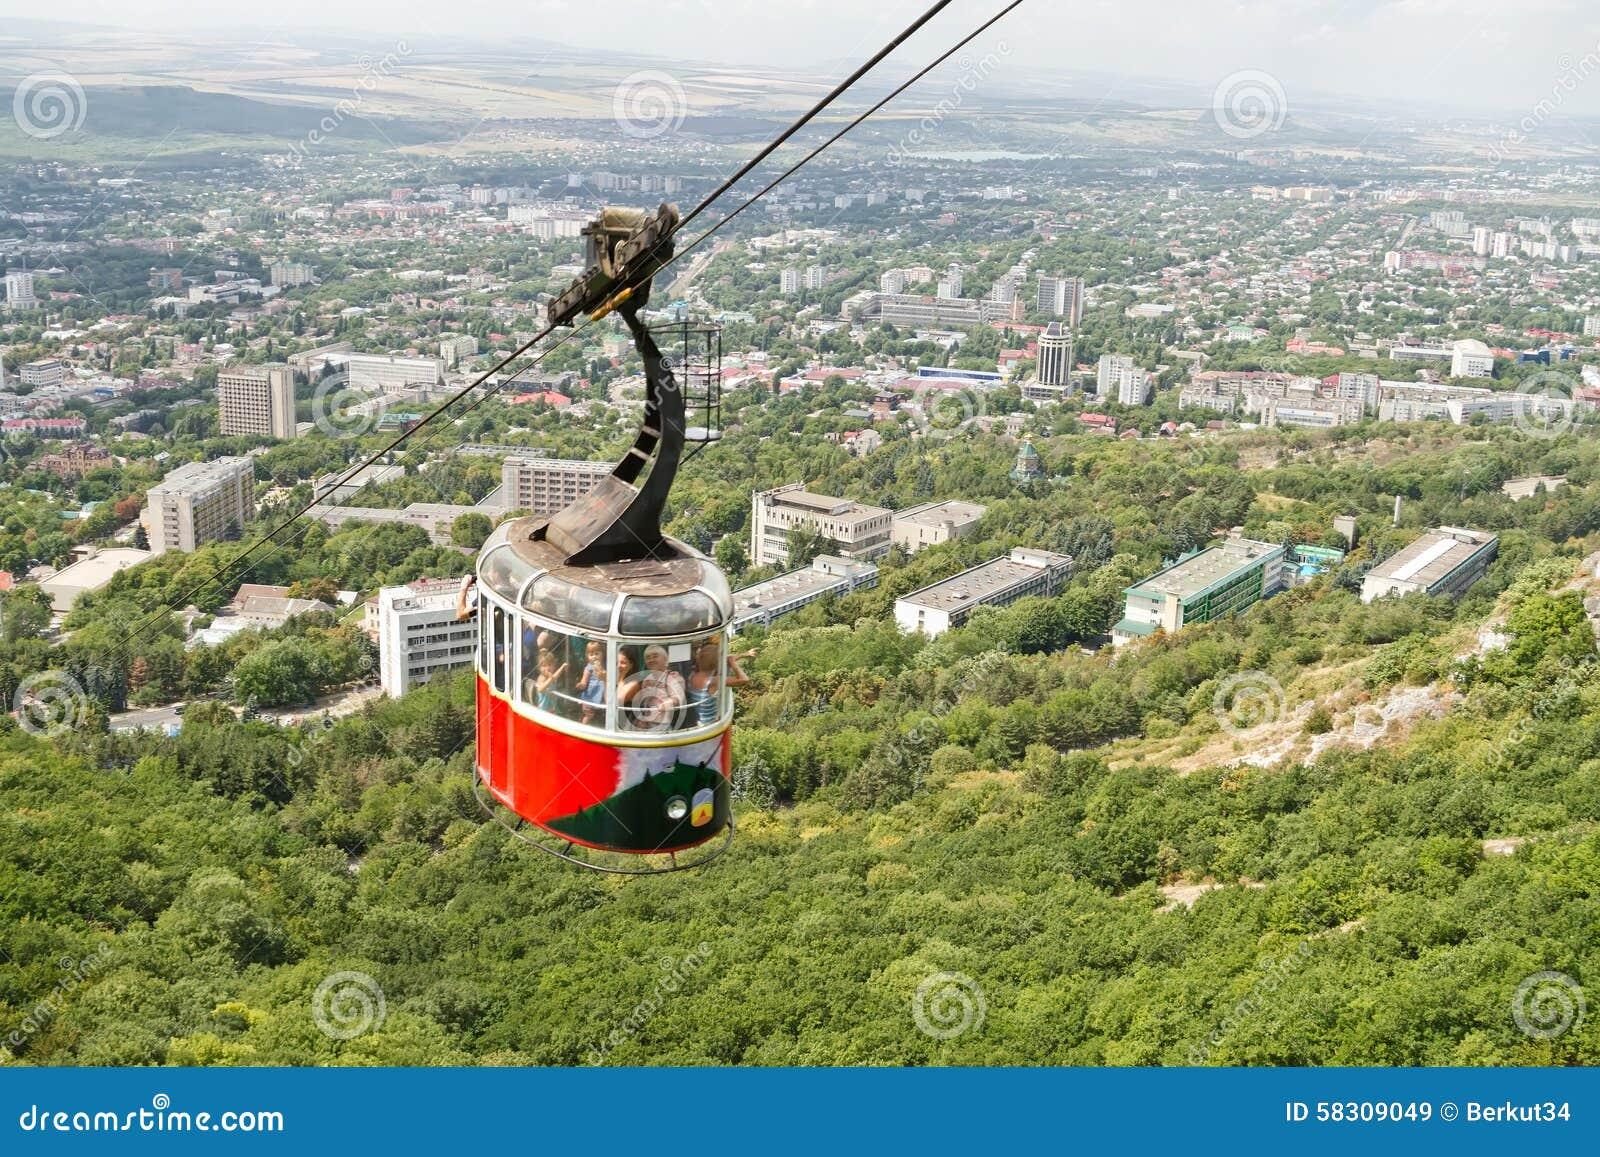 Excursion to the sights of Pyatigorsk 80